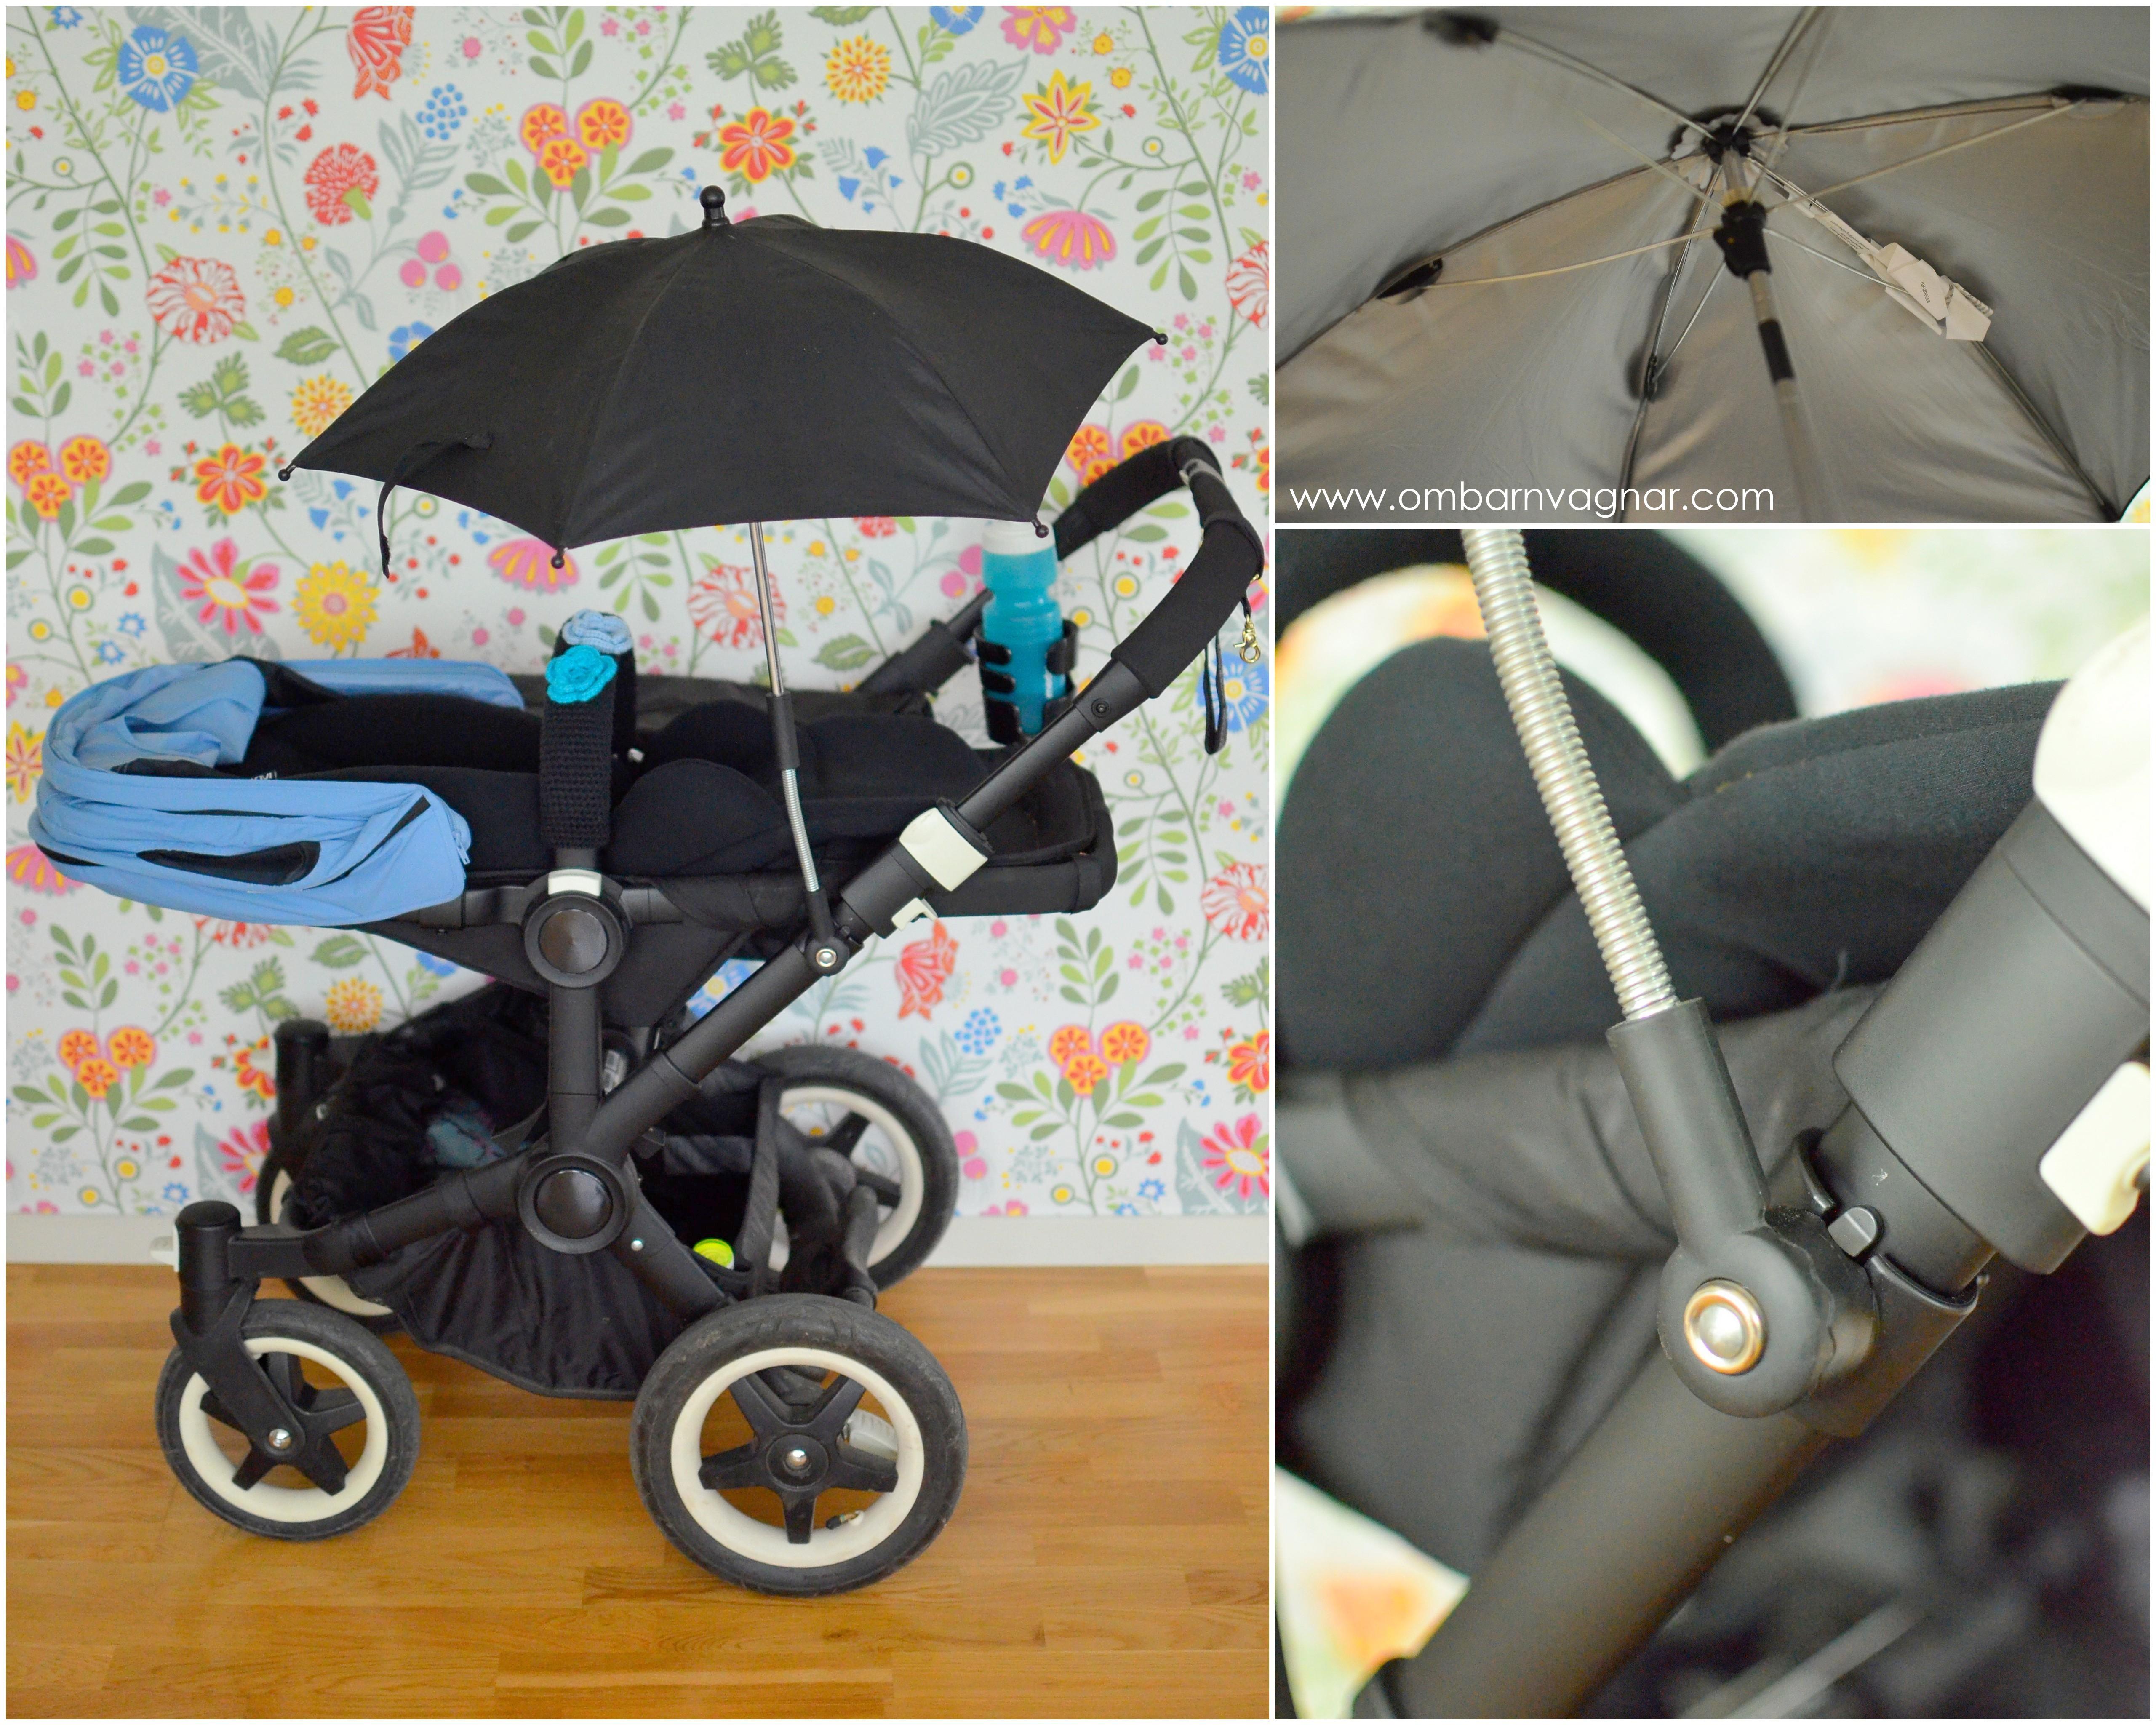 Är det nödvändig att ha parasoll på barnvagnen?